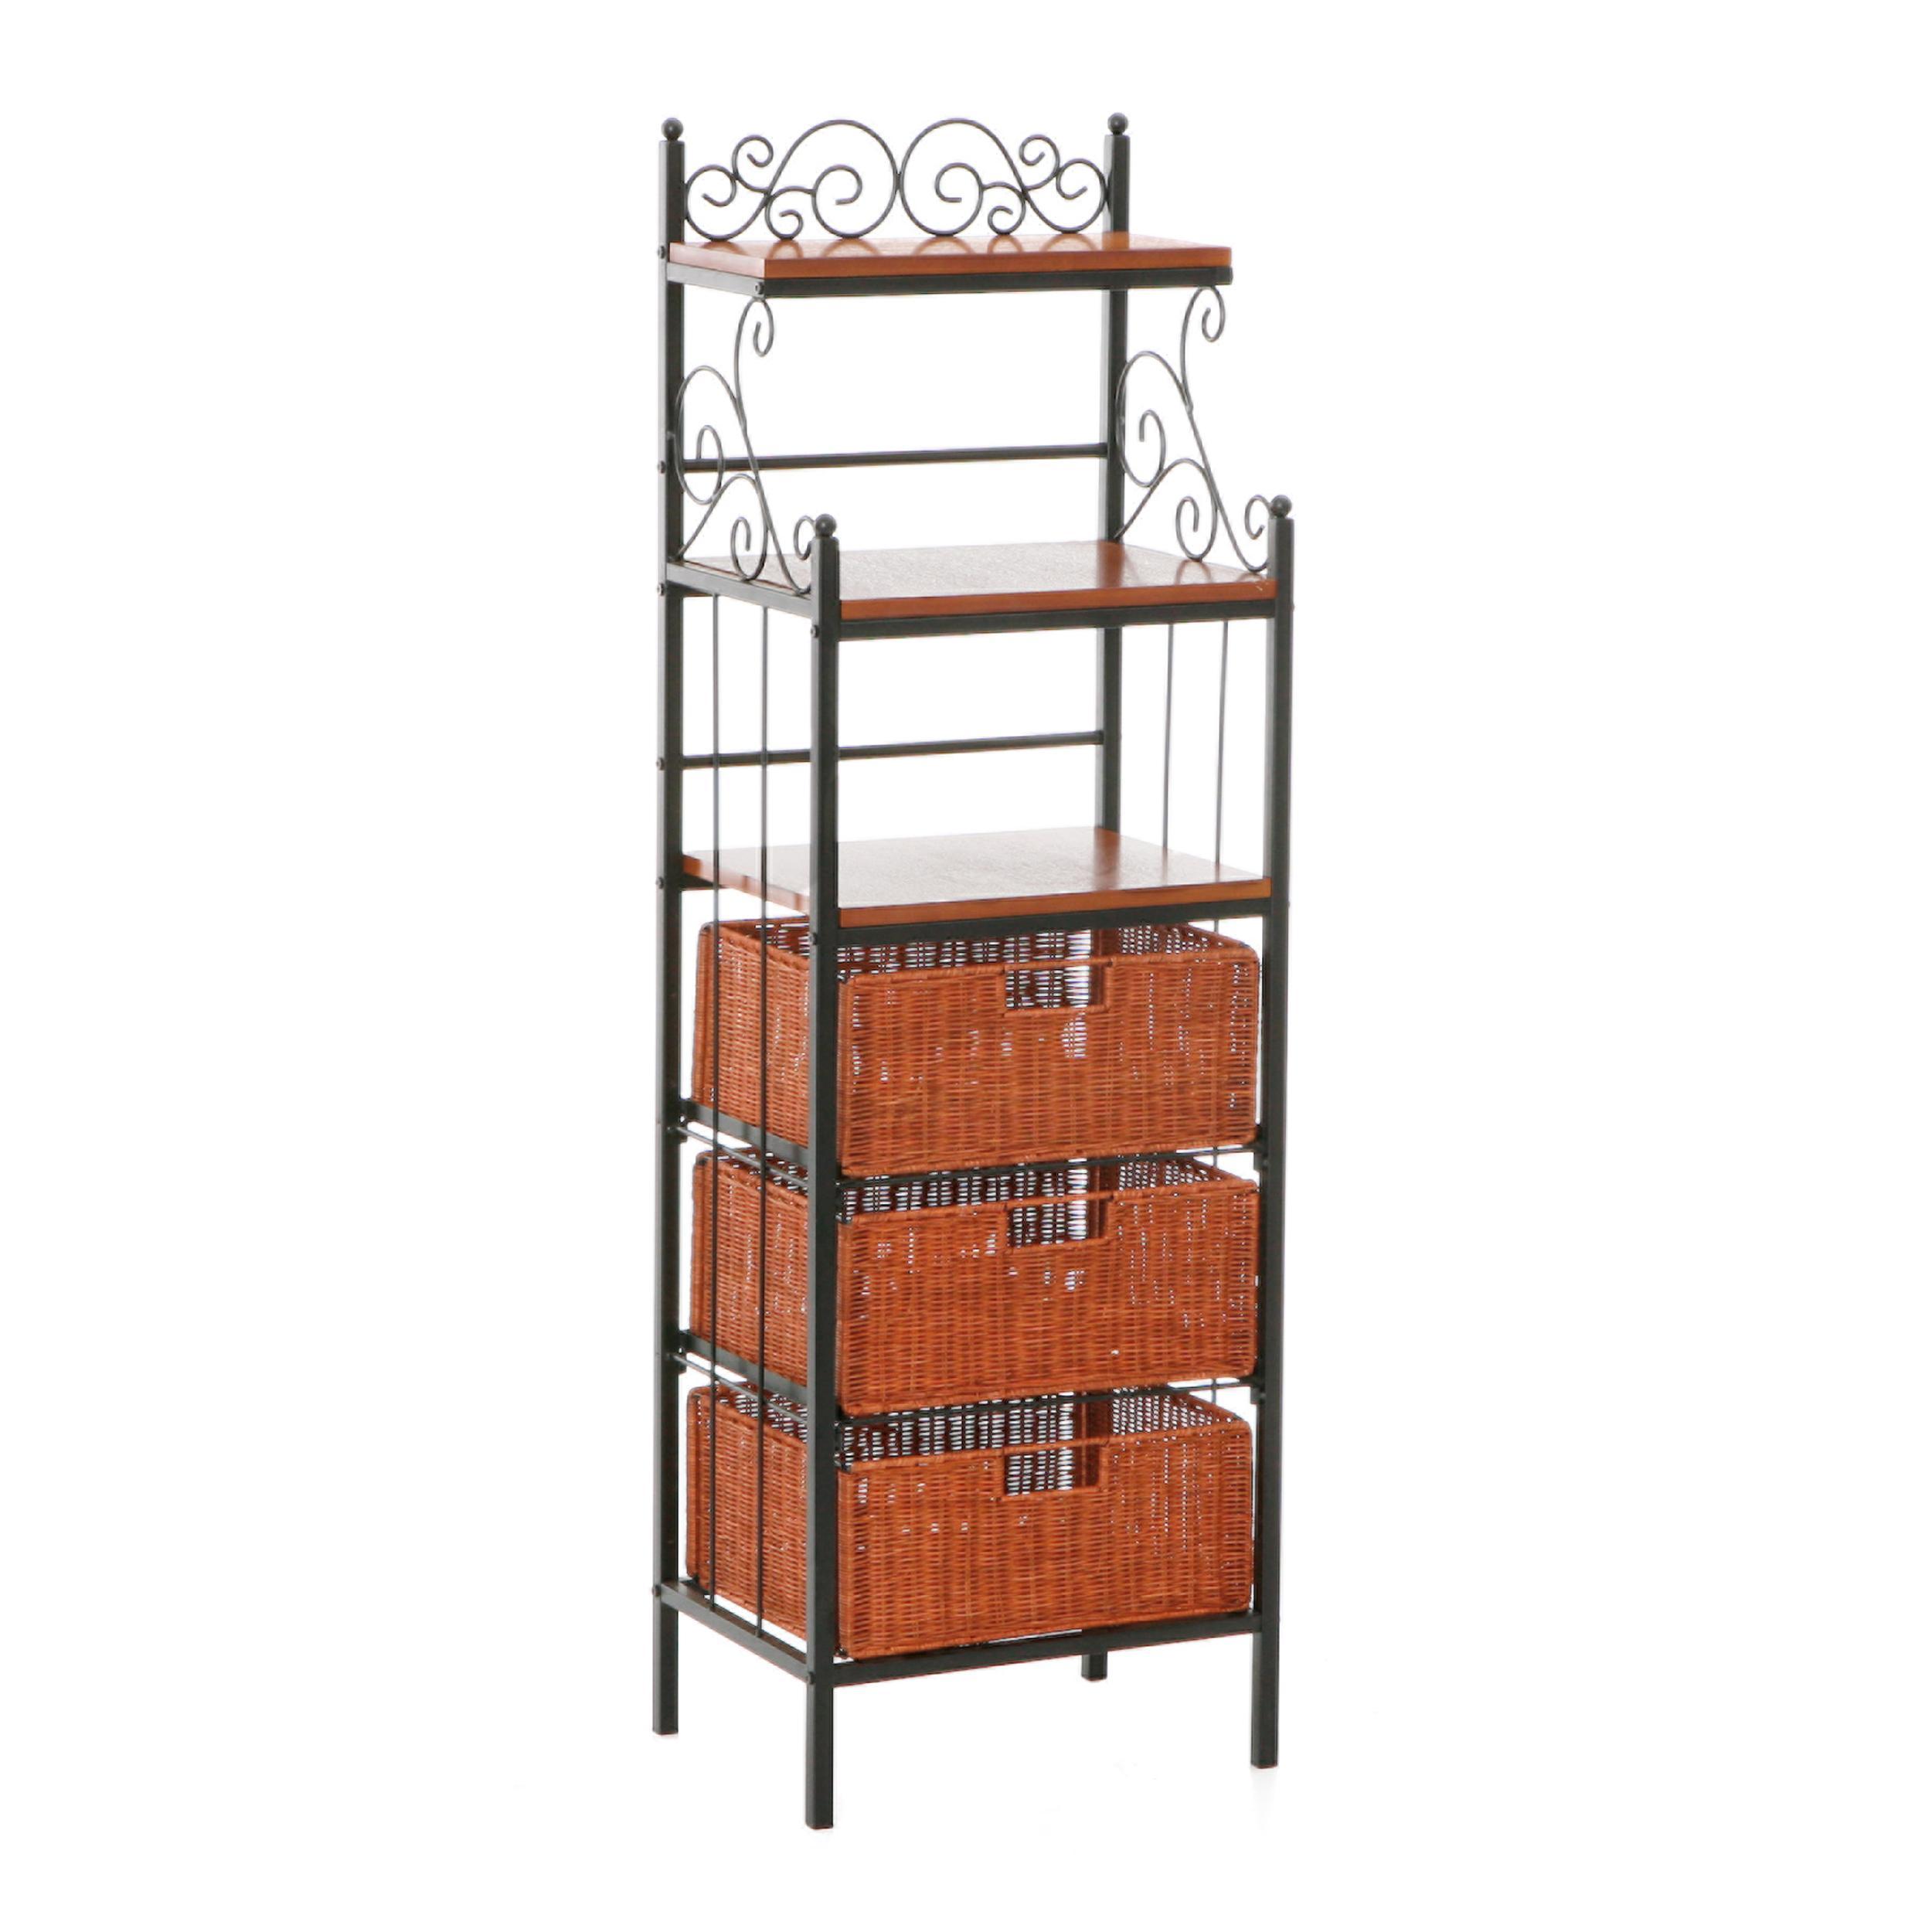 sei manilla 3 drawer rattan baker 39 s rack standing baker 39 s racks. Black Bedroom Furniture Sets. Home Design Ideas